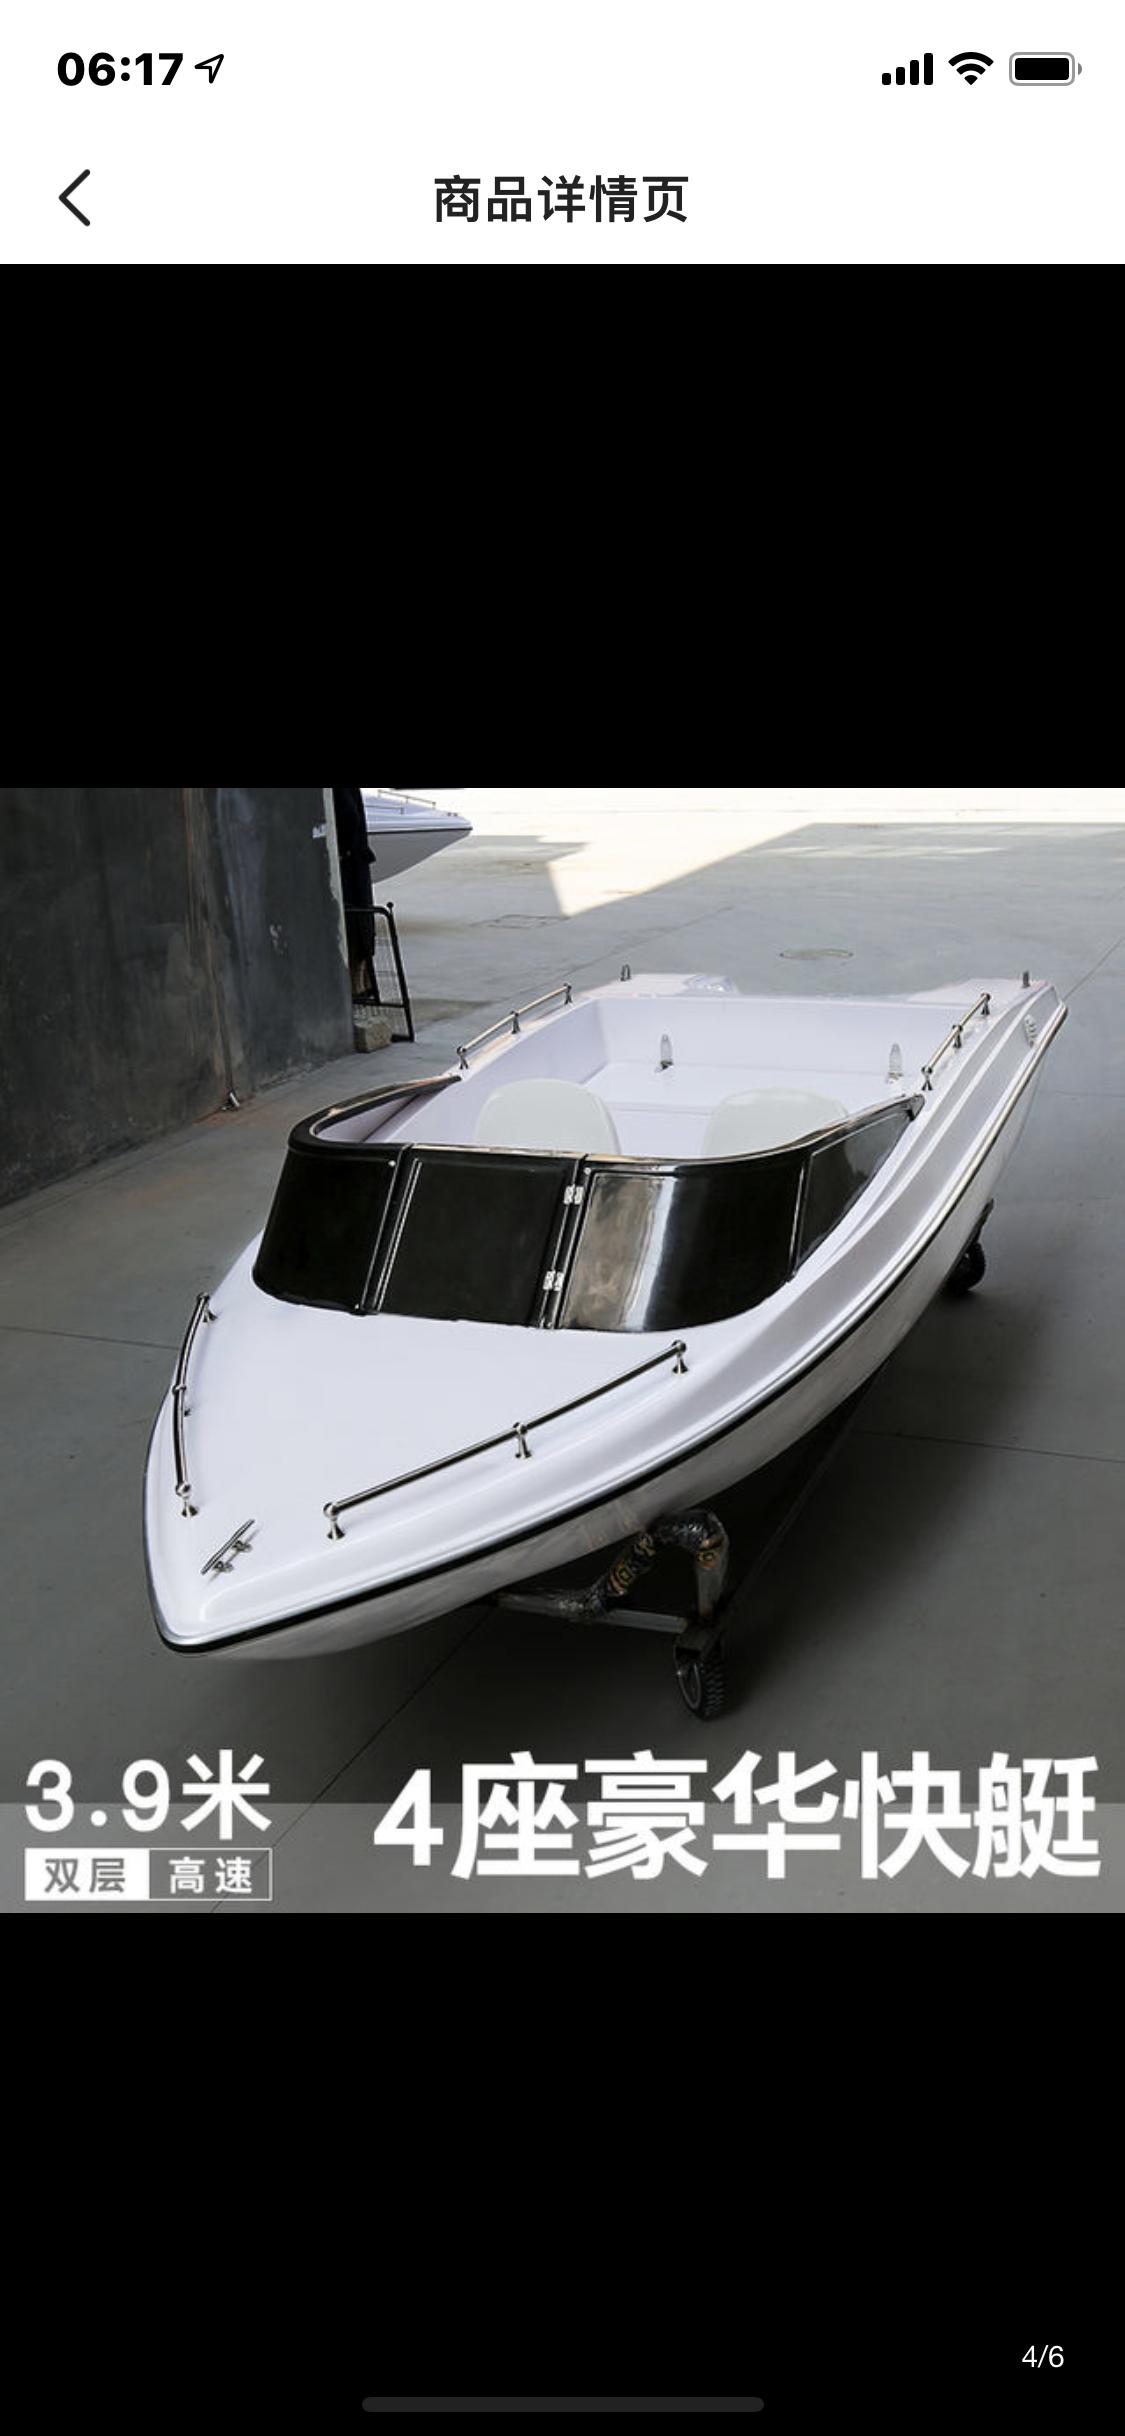 二手小快艇